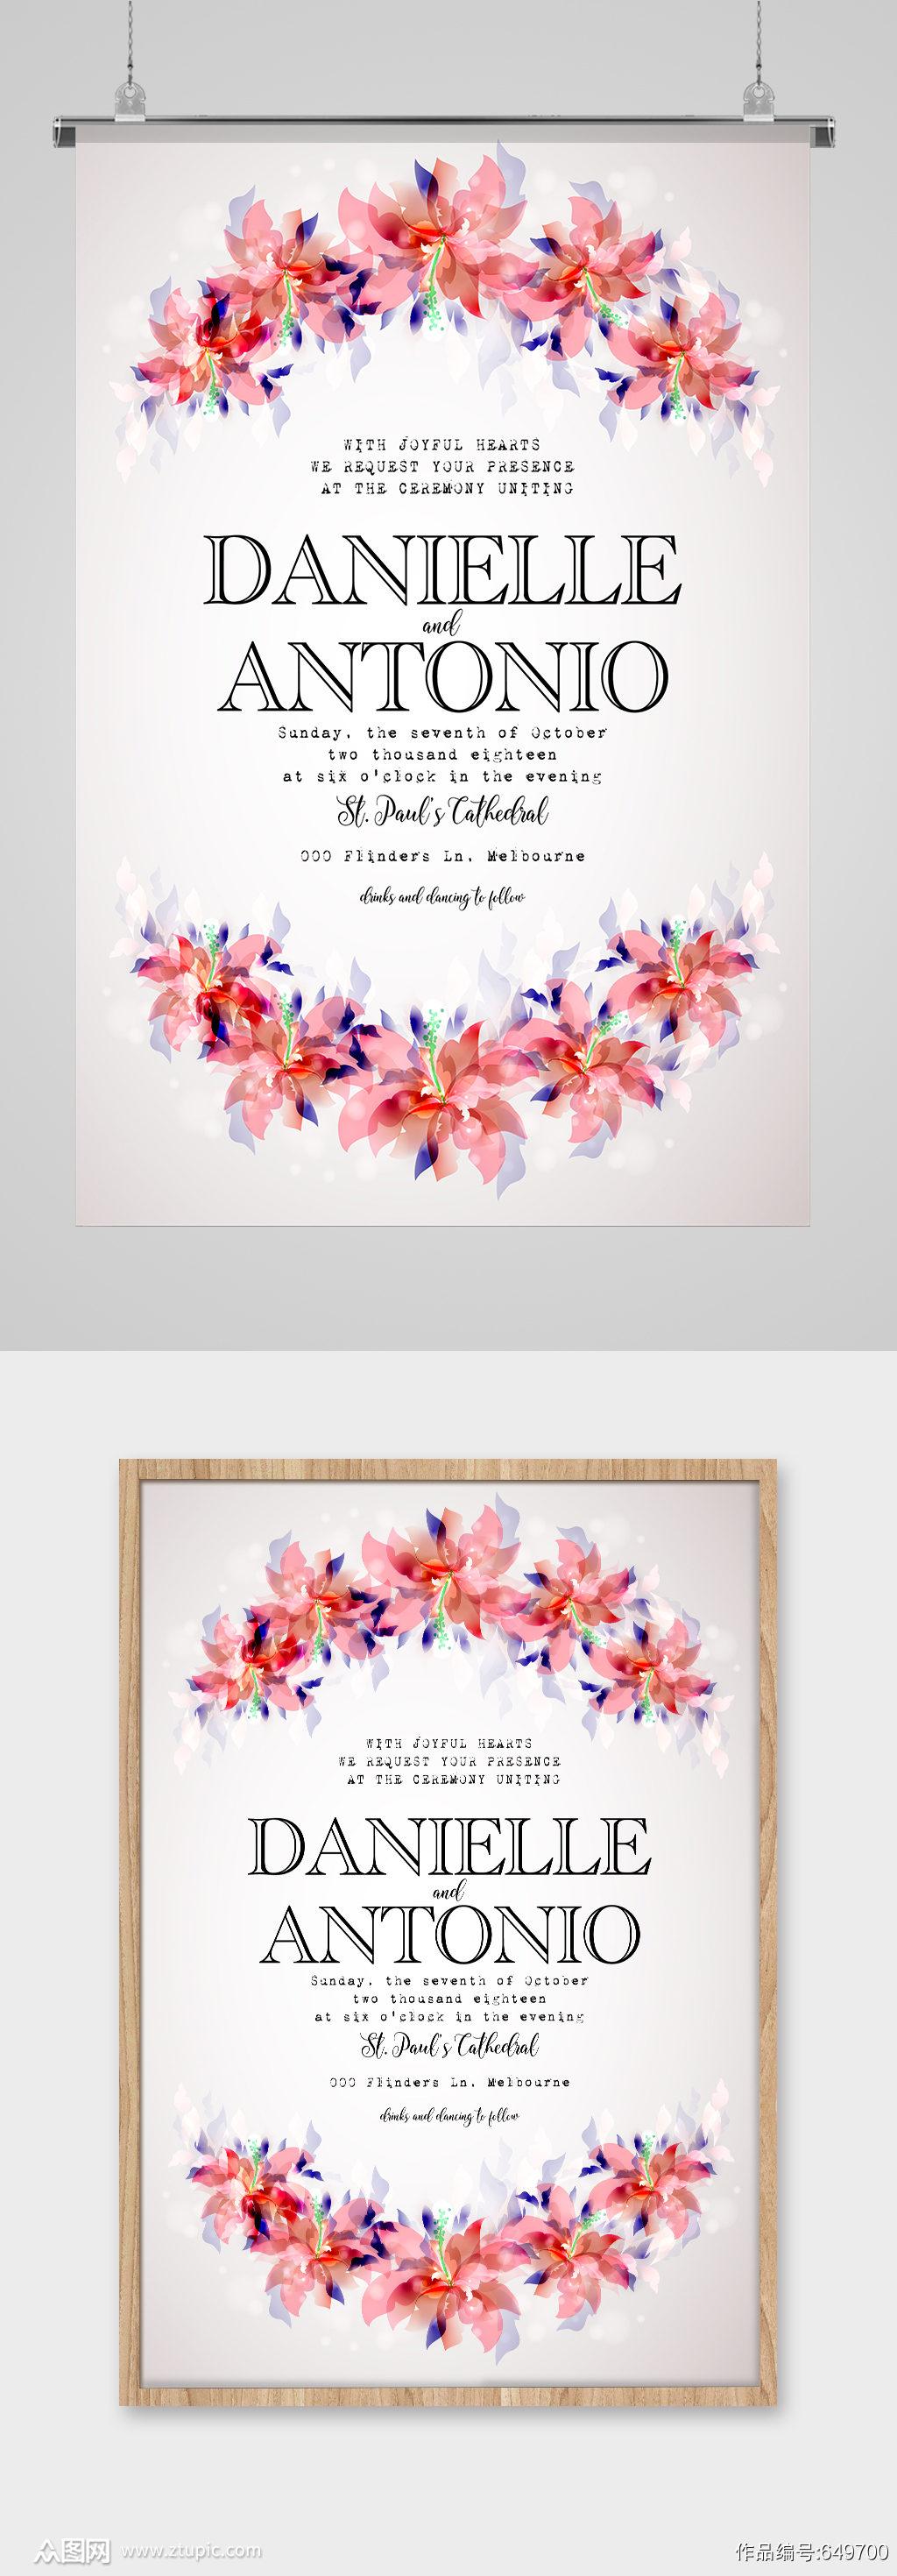 粉红色花环英文海报素材